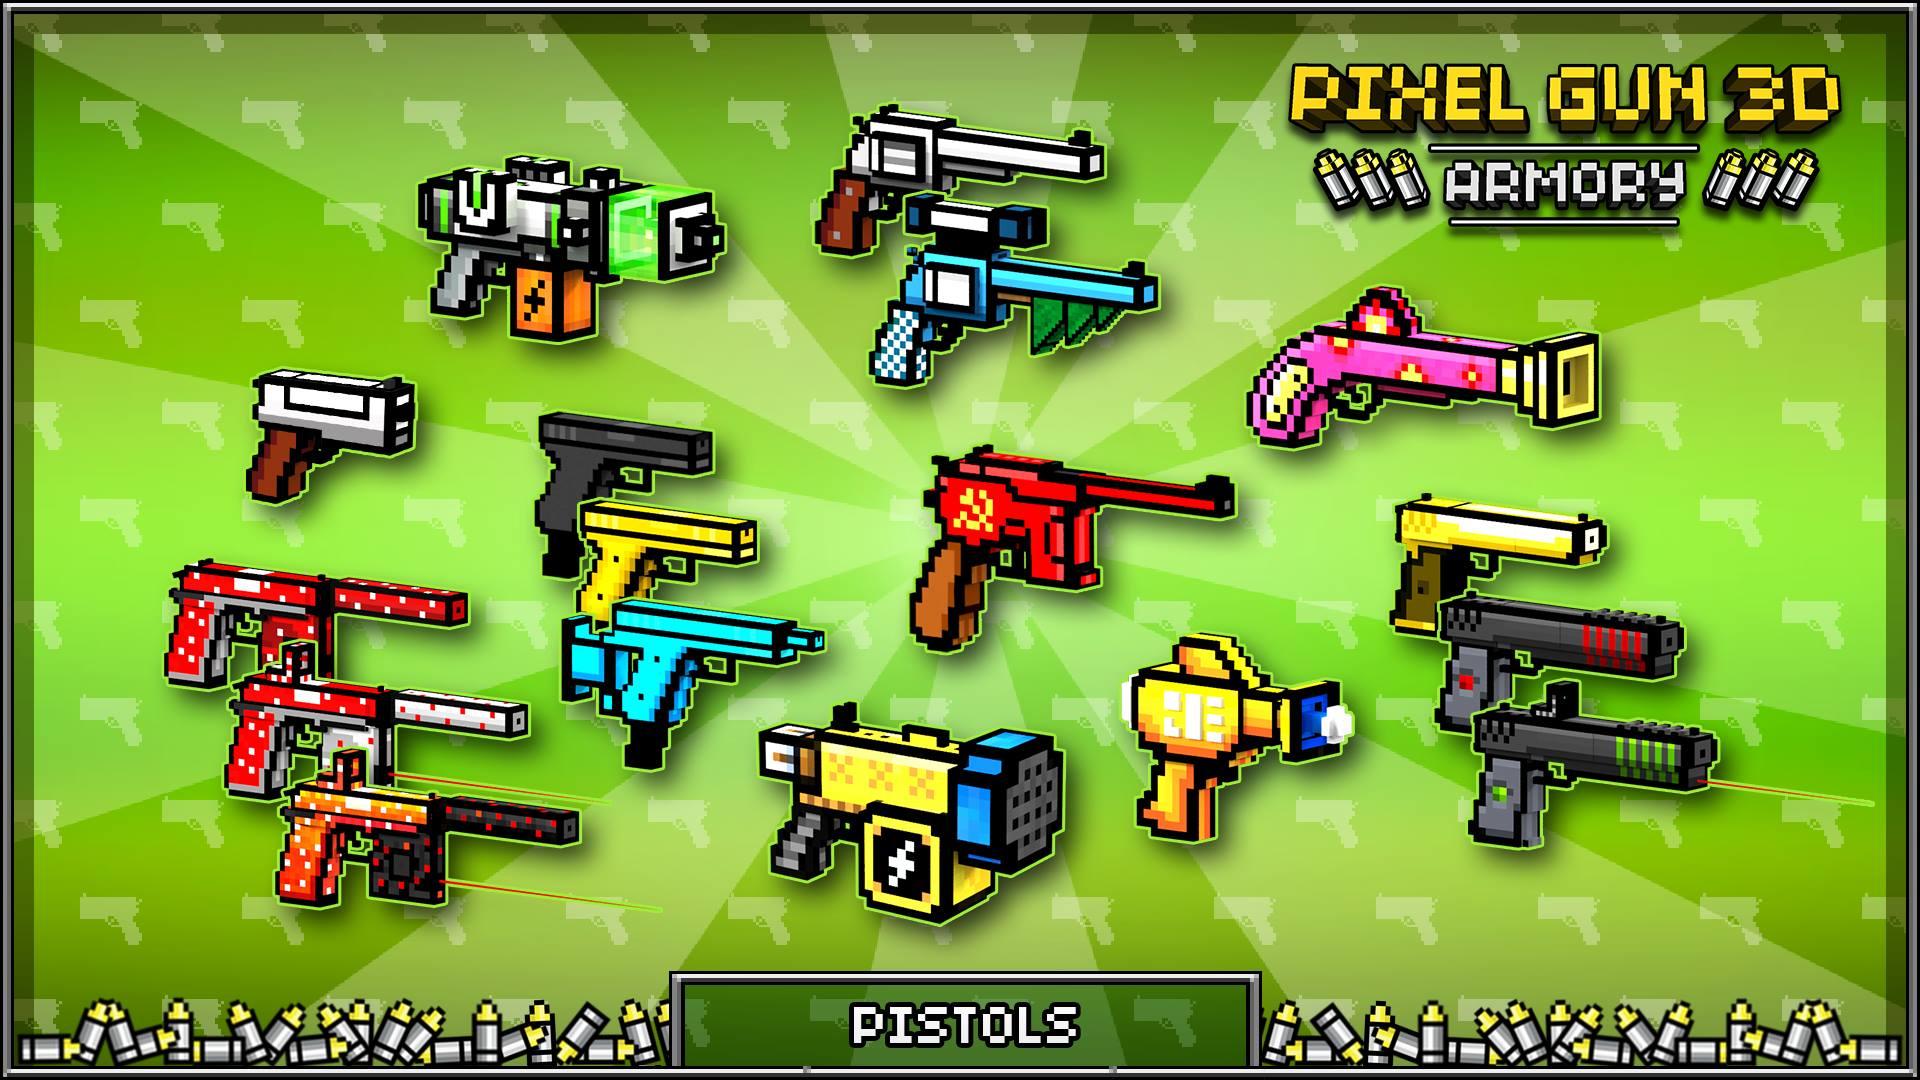 Pixel Gun 3D (обновлено v 8 ) - #Подкаст - YouTube